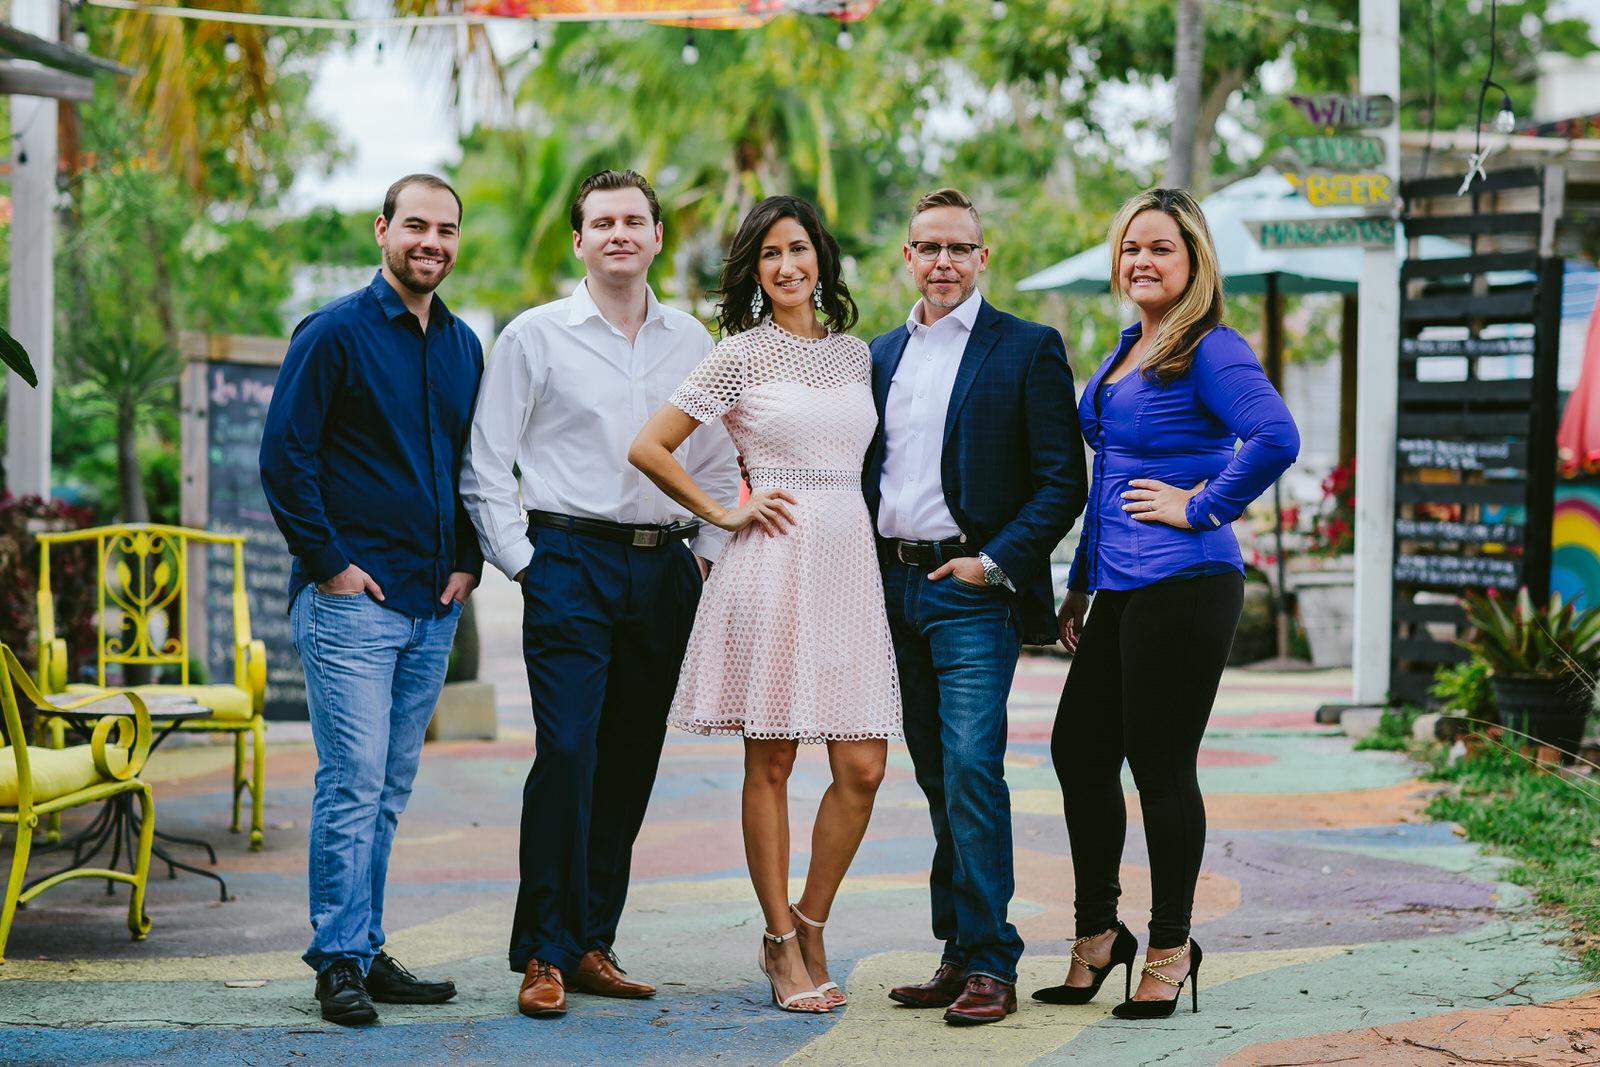 Business_Branding_Portraits_Purplewing_Fort_Lauderdale-15.jpg